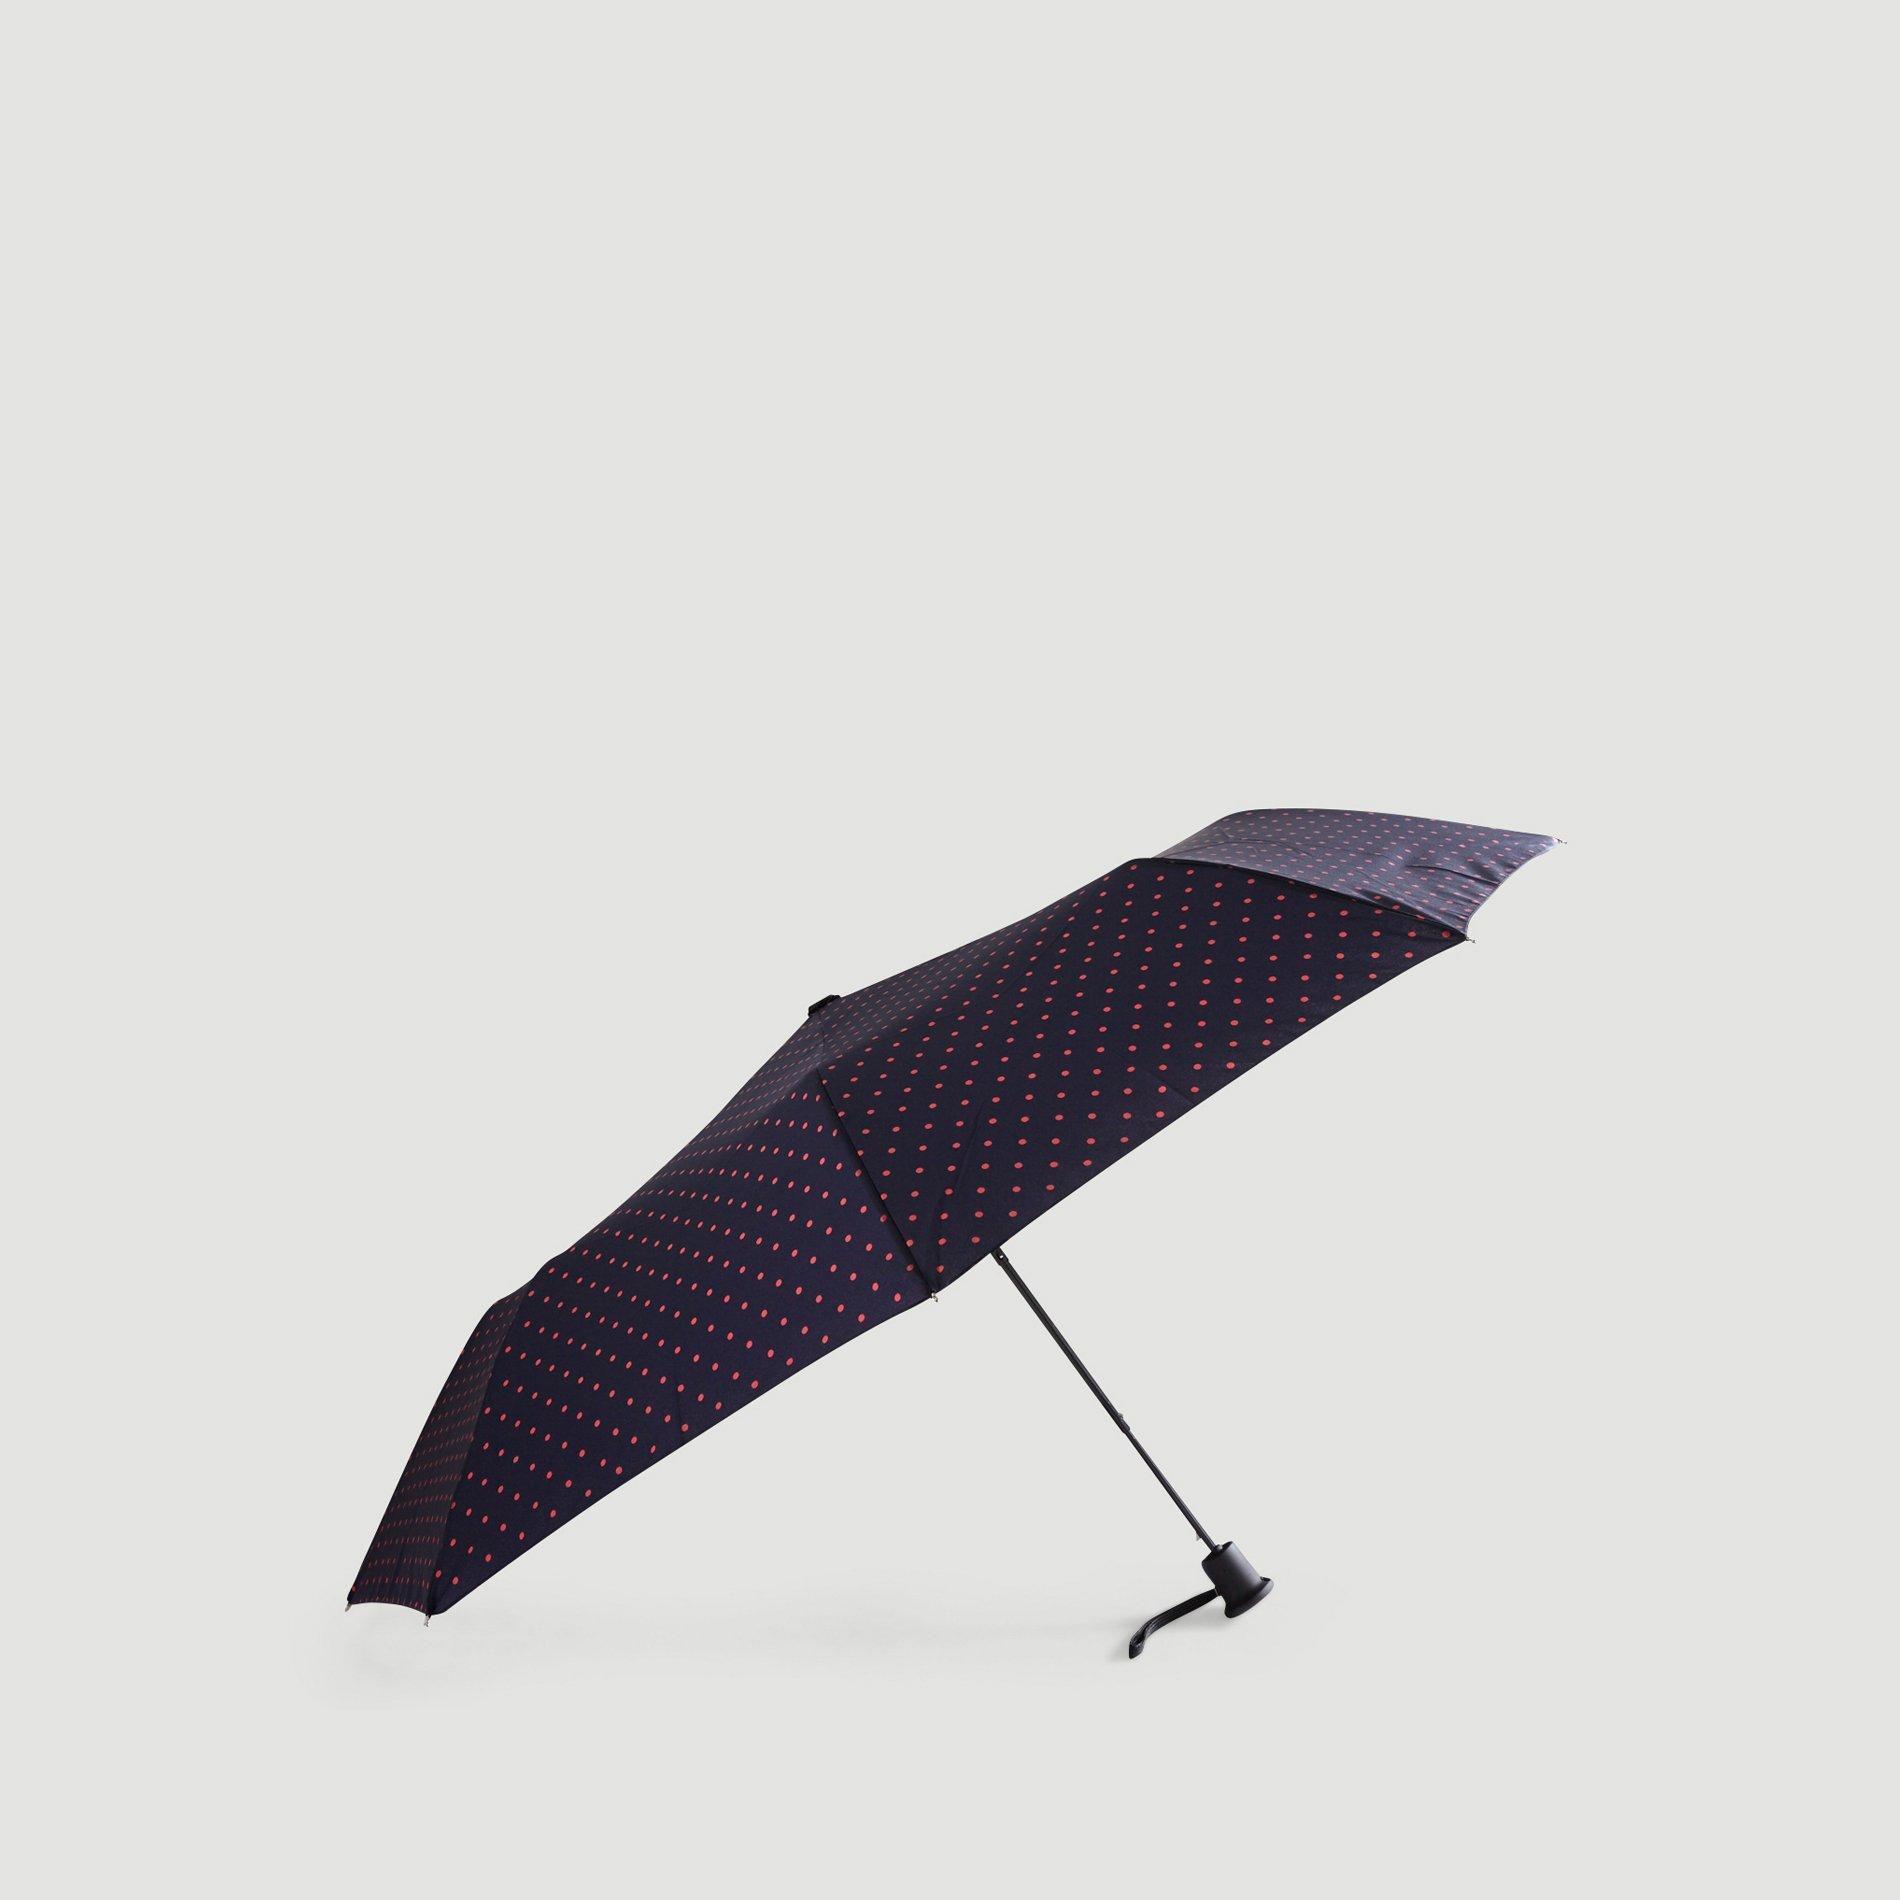 Parapluie à pois - MONOPRIX FEMME - Modalova